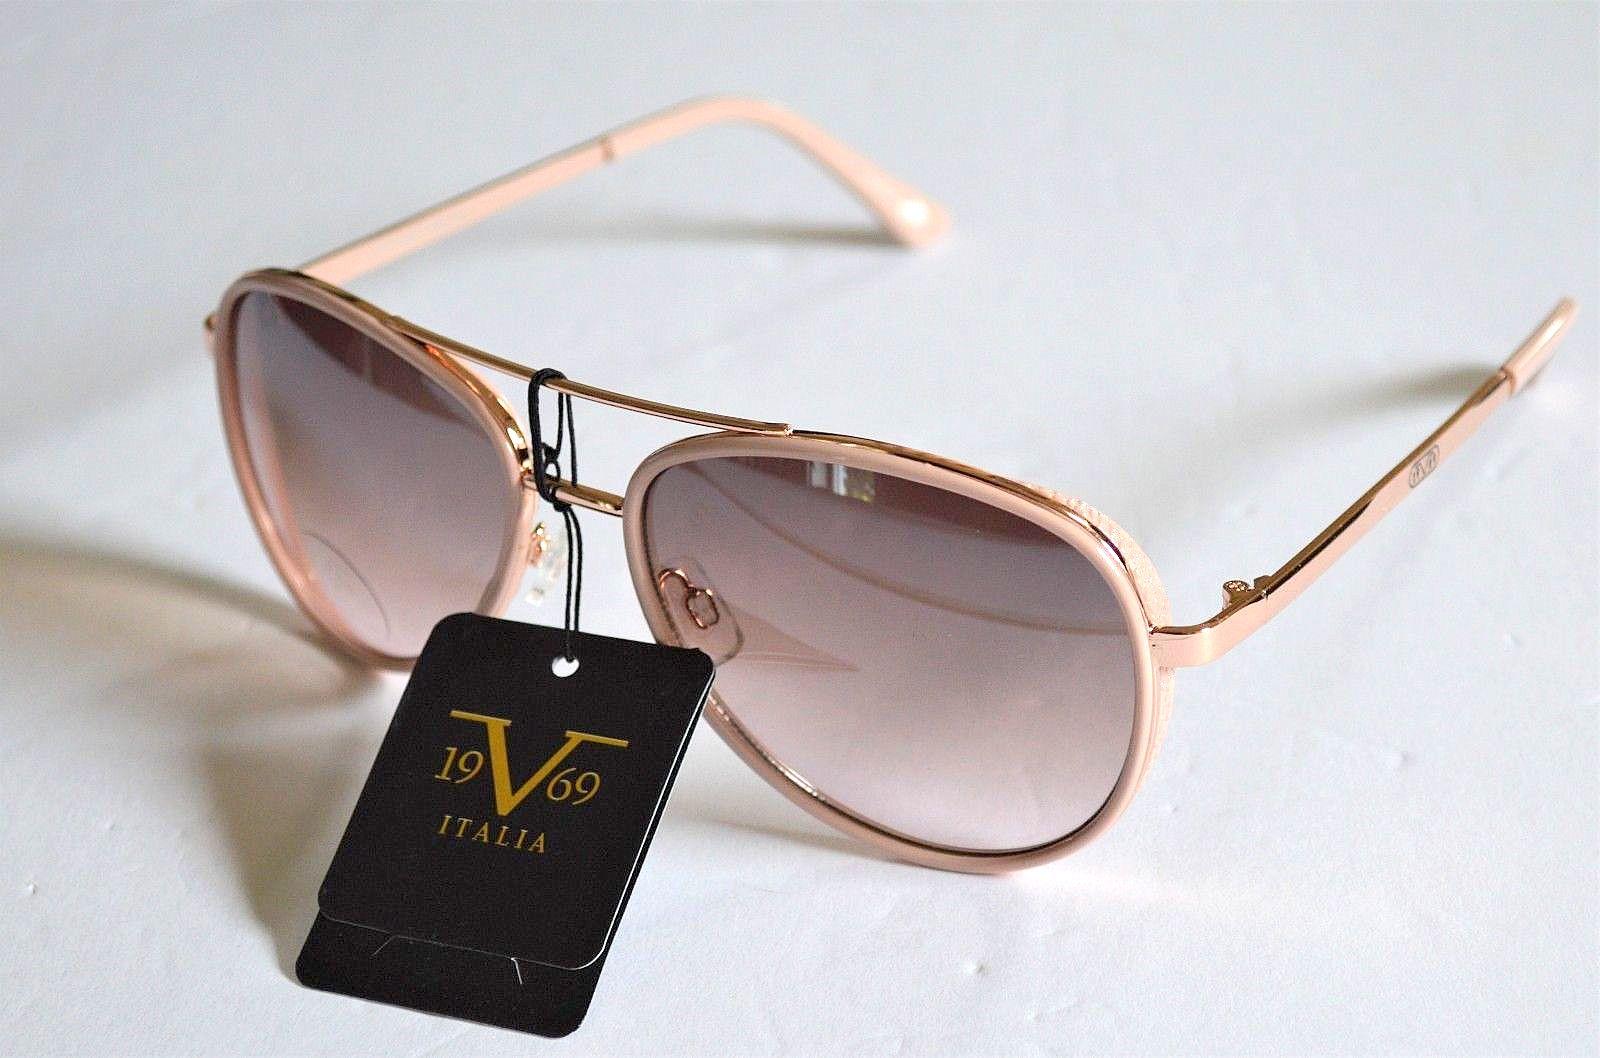 73811273dd3 New V1969 ITALIA Sunglasses VERSACE 1969 Abbigliamento